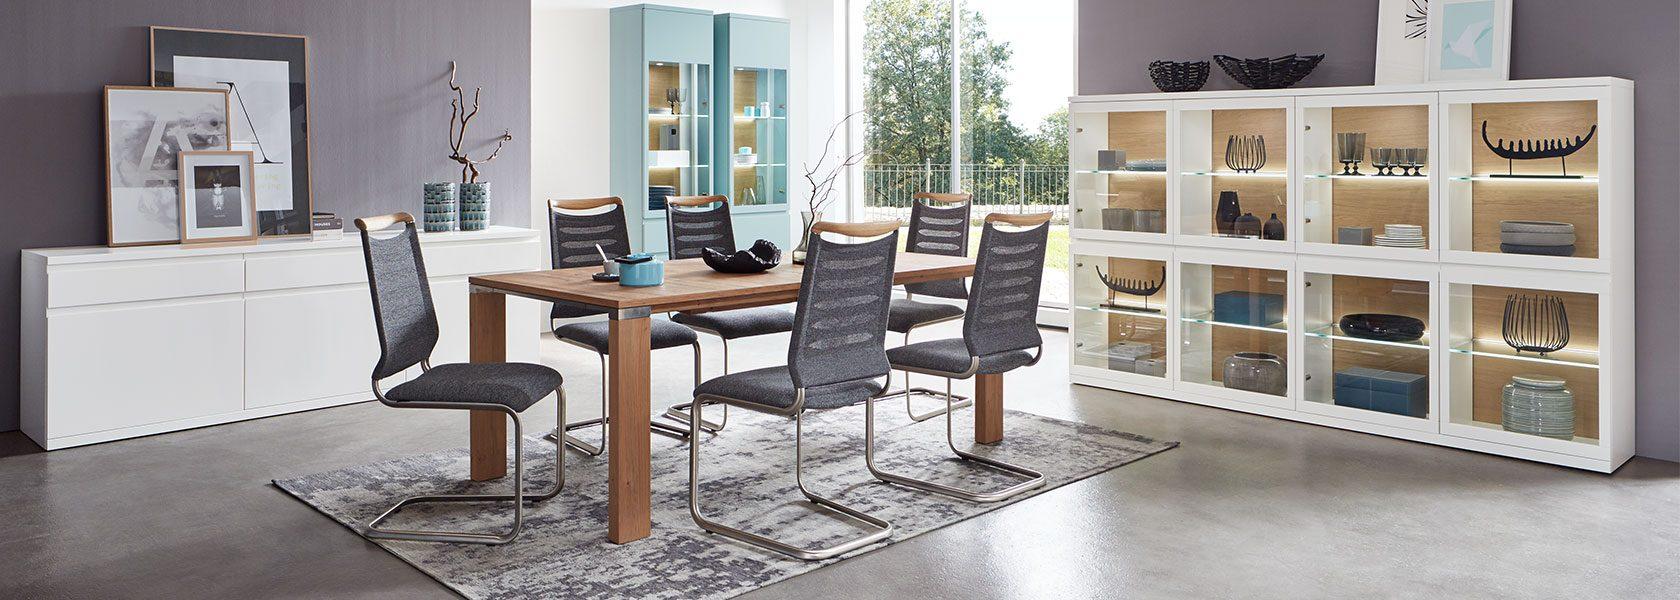 moderne wohnideen wohnzimmer esszimmer schlafzimmer, möbel rundel - ihr möbelhaus in ravensburg, Design ideen